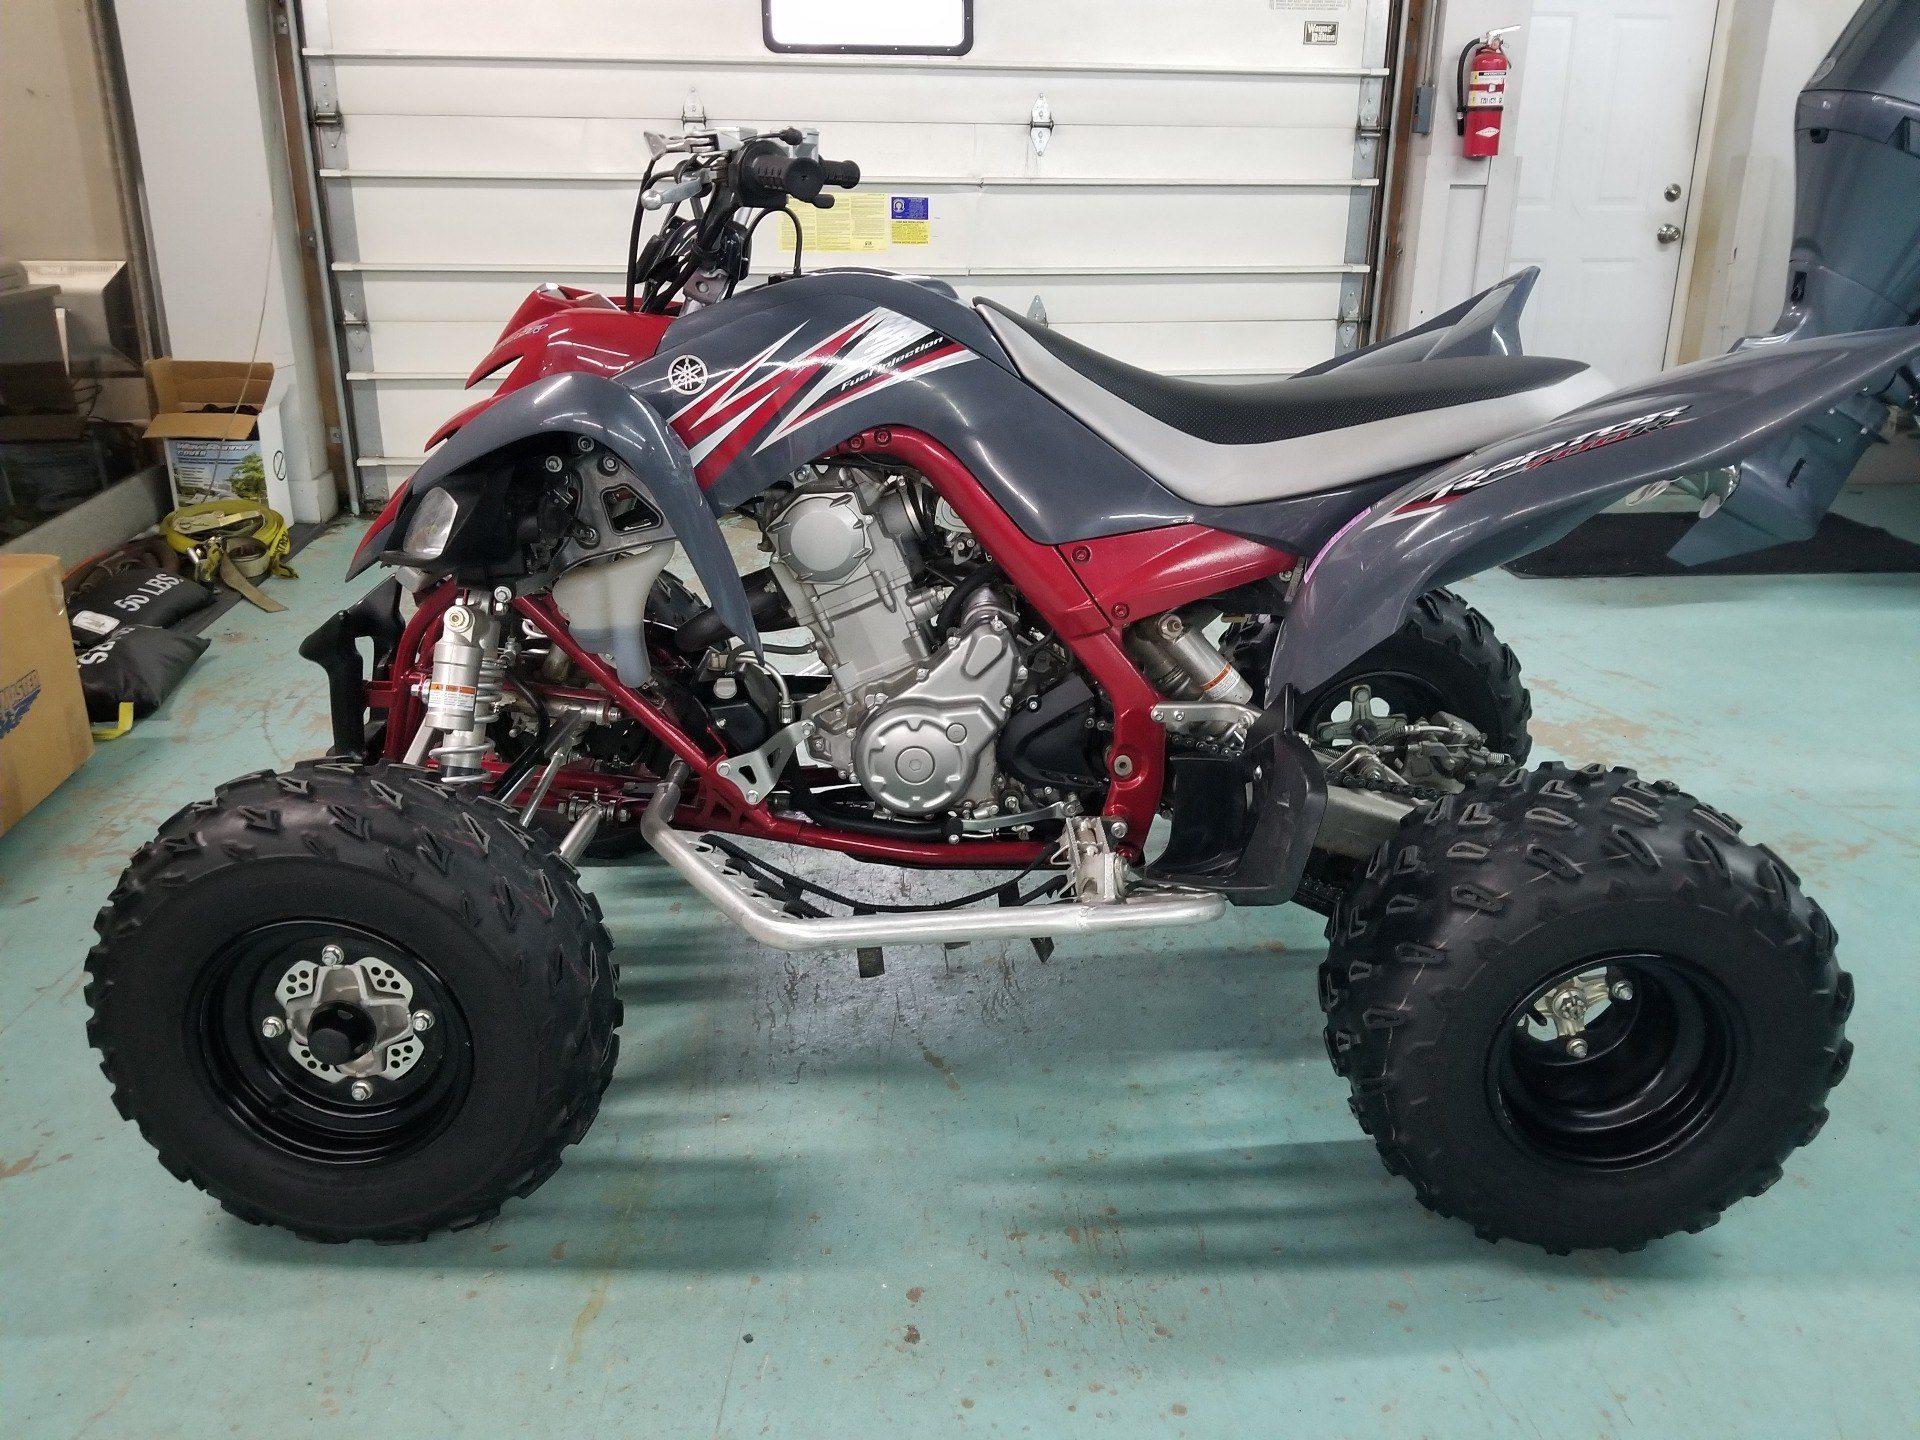 2008 Yamaha Raptor 700R for sale 92137